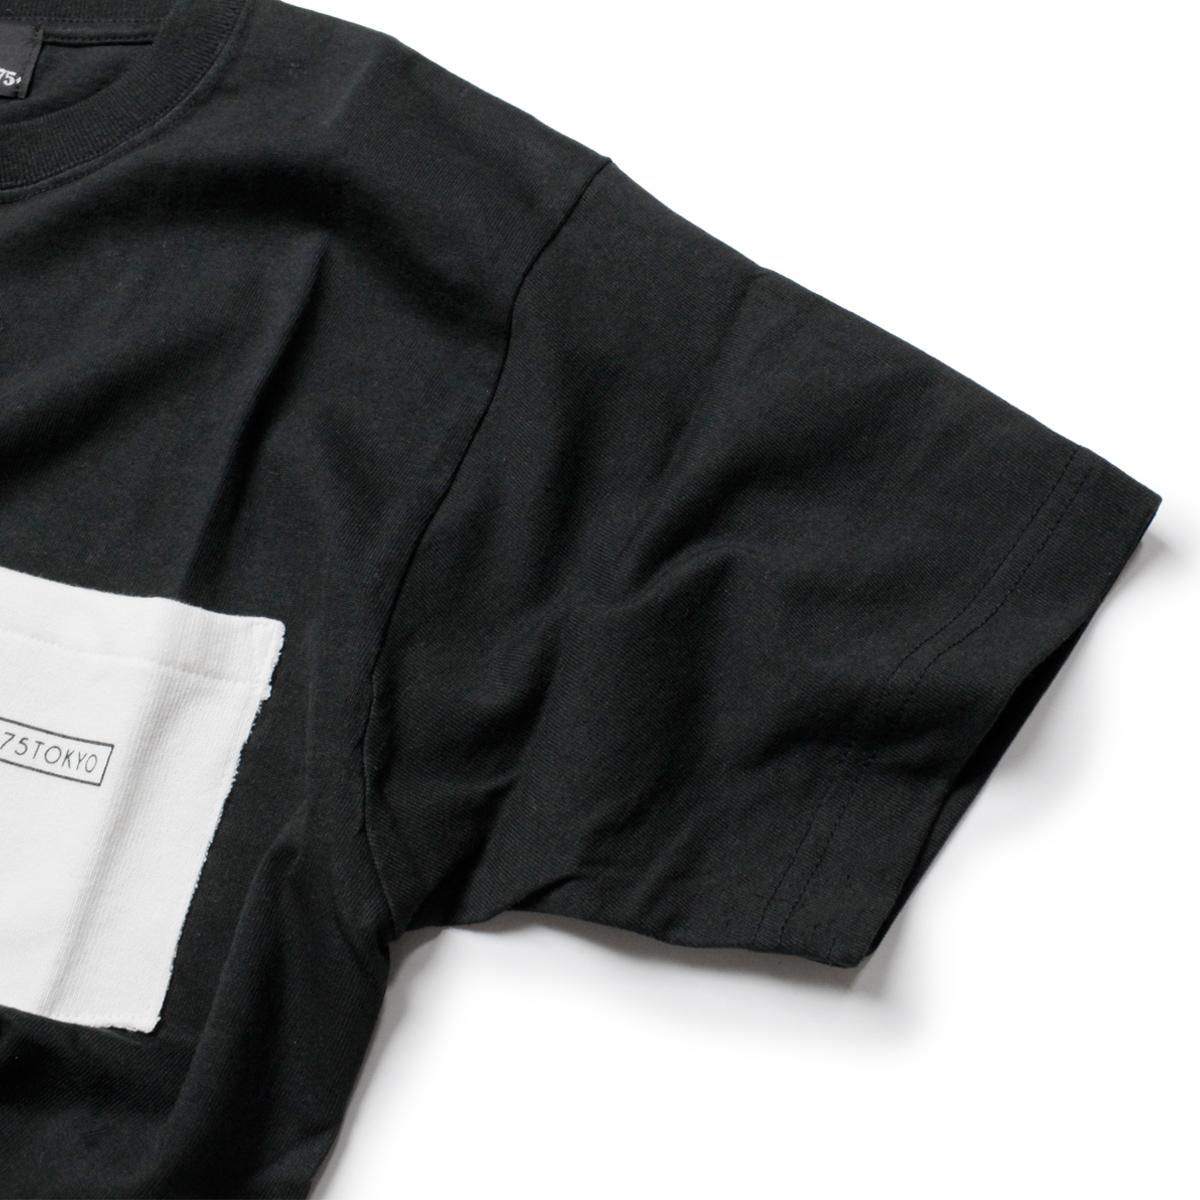 1975 TOKYO 1975トーキョー ポケットTシャツ